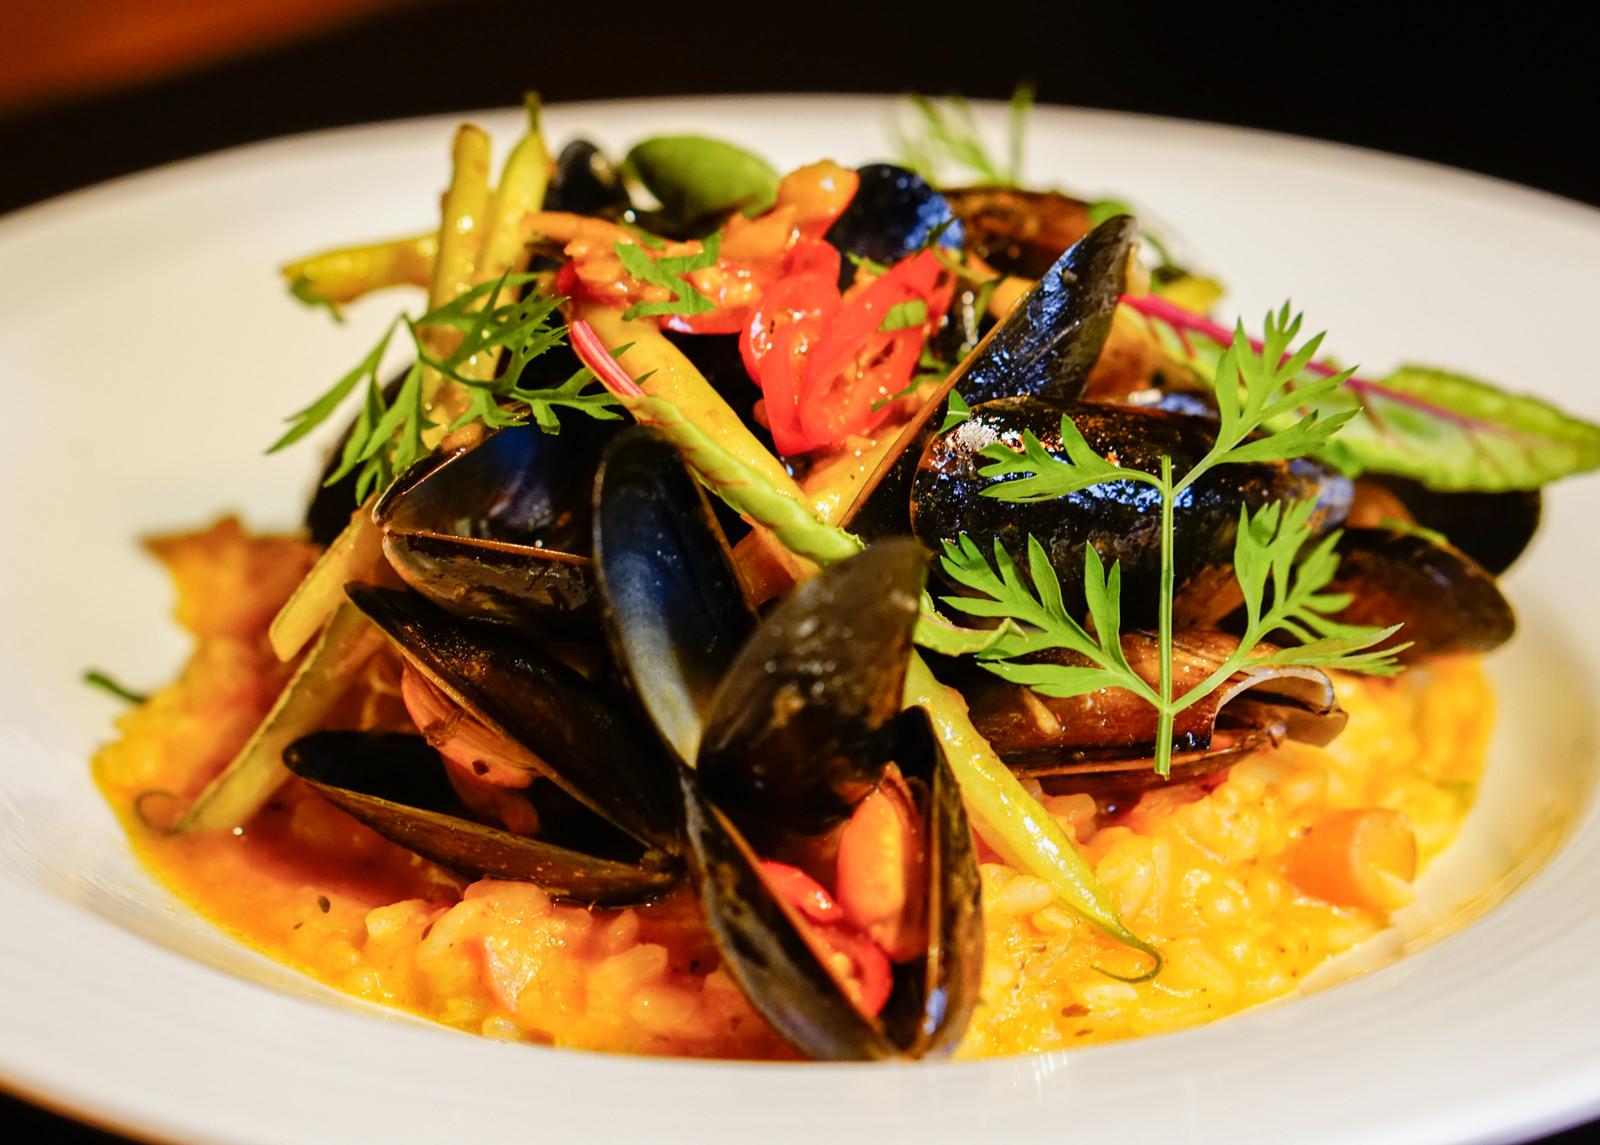 [高雄]Trattoria del CHA CHA-限量美味淡菜番茄燉飯! 質感餐酒館創意料理 高雄餐酒館推薦